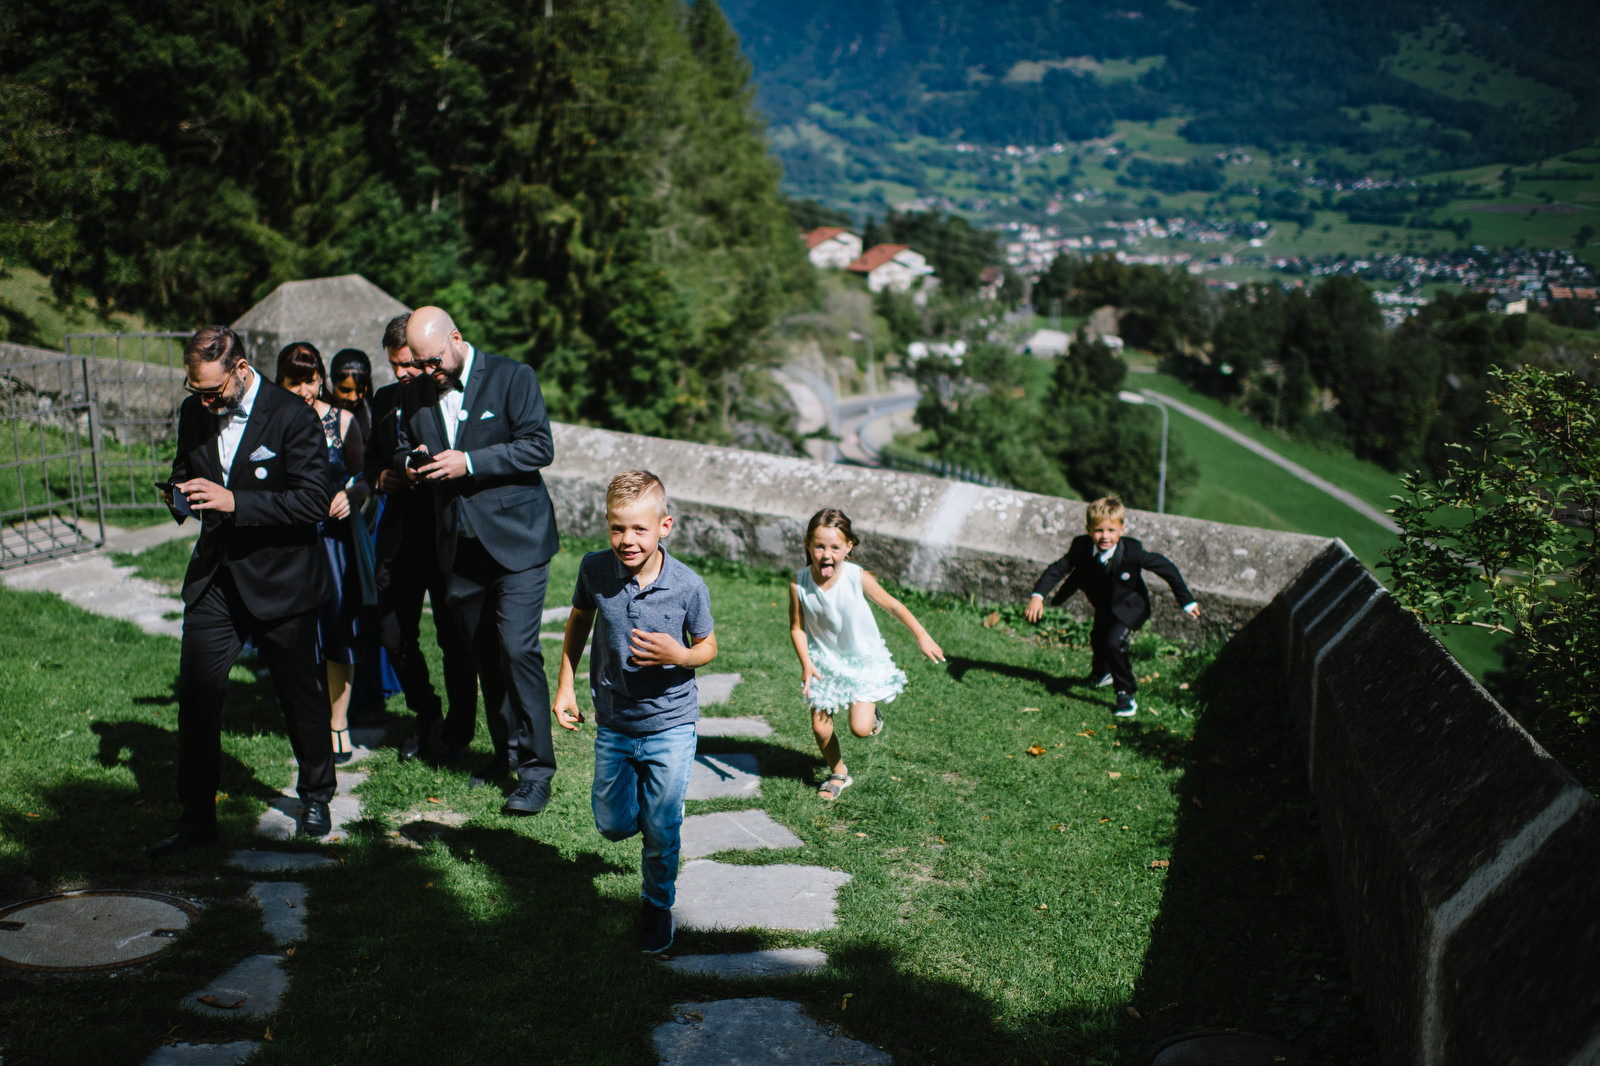 Fotograf Konstanz - Luxus Hochzeit Fotograf Grand Resort Bad Ragaz Schweiz Lichtenstein 044 - Destination wedding at the Grand Resort Bad Ragaz, Swiss  - 137 -